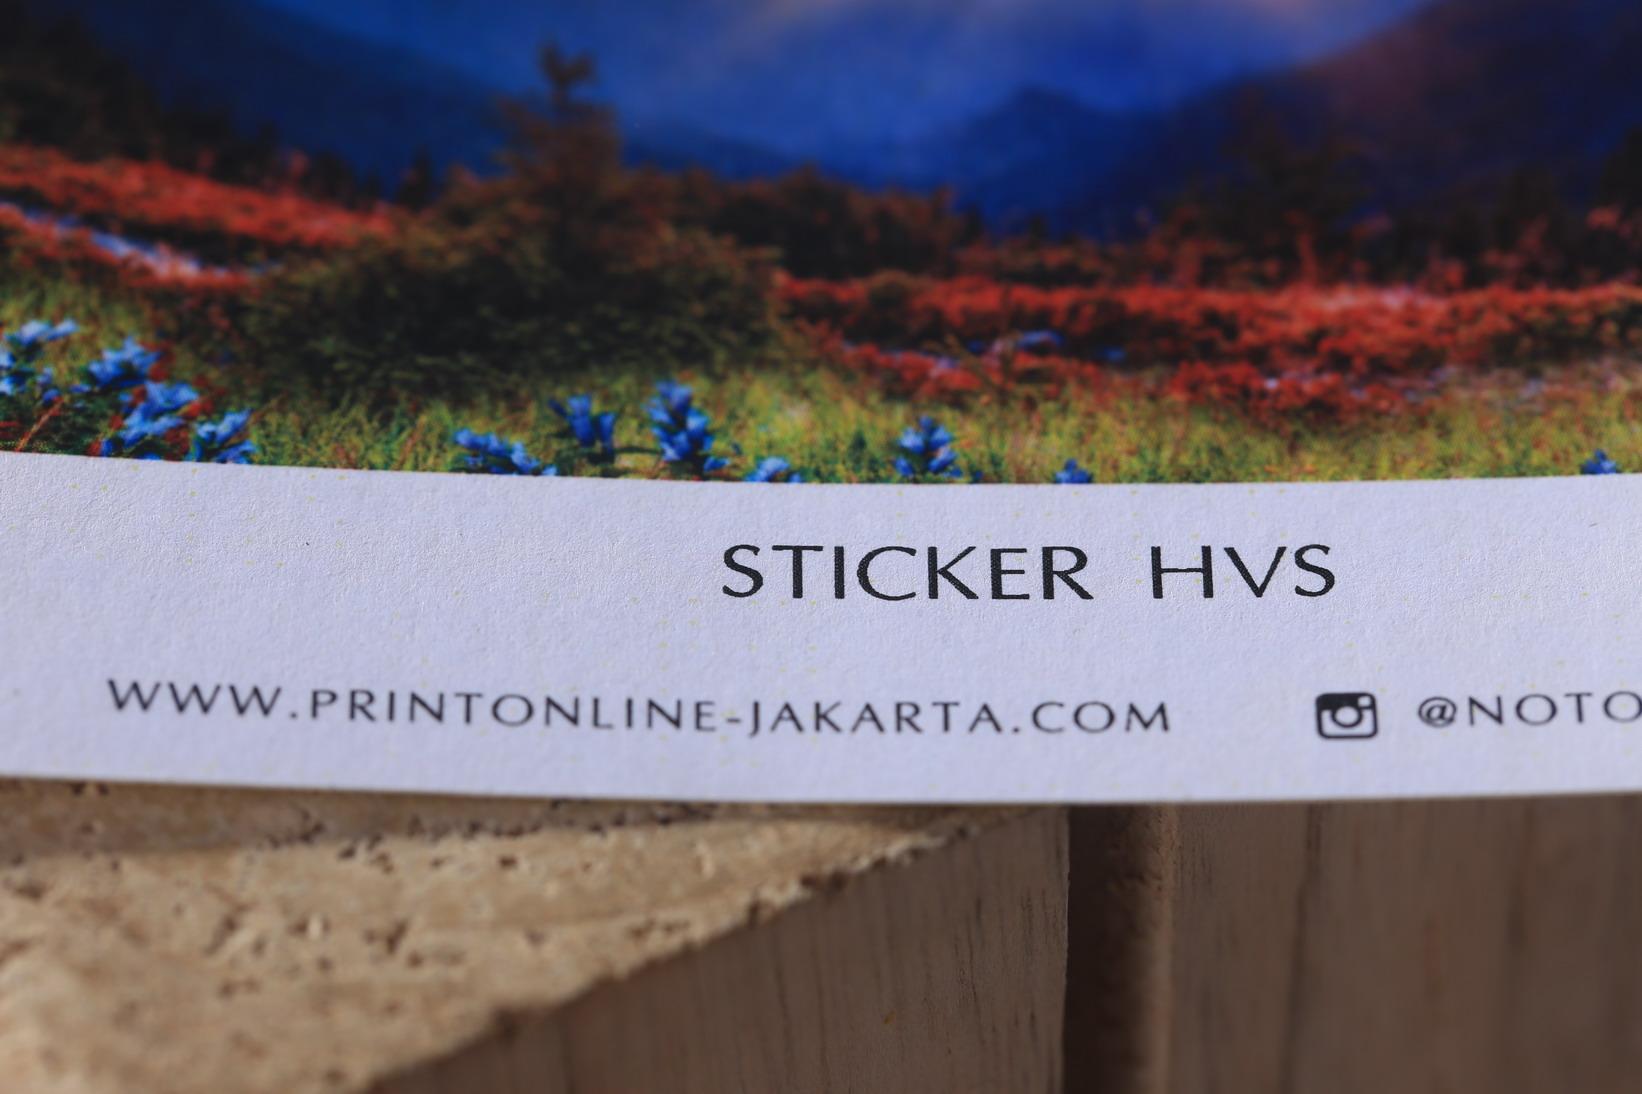 Sticker HVS